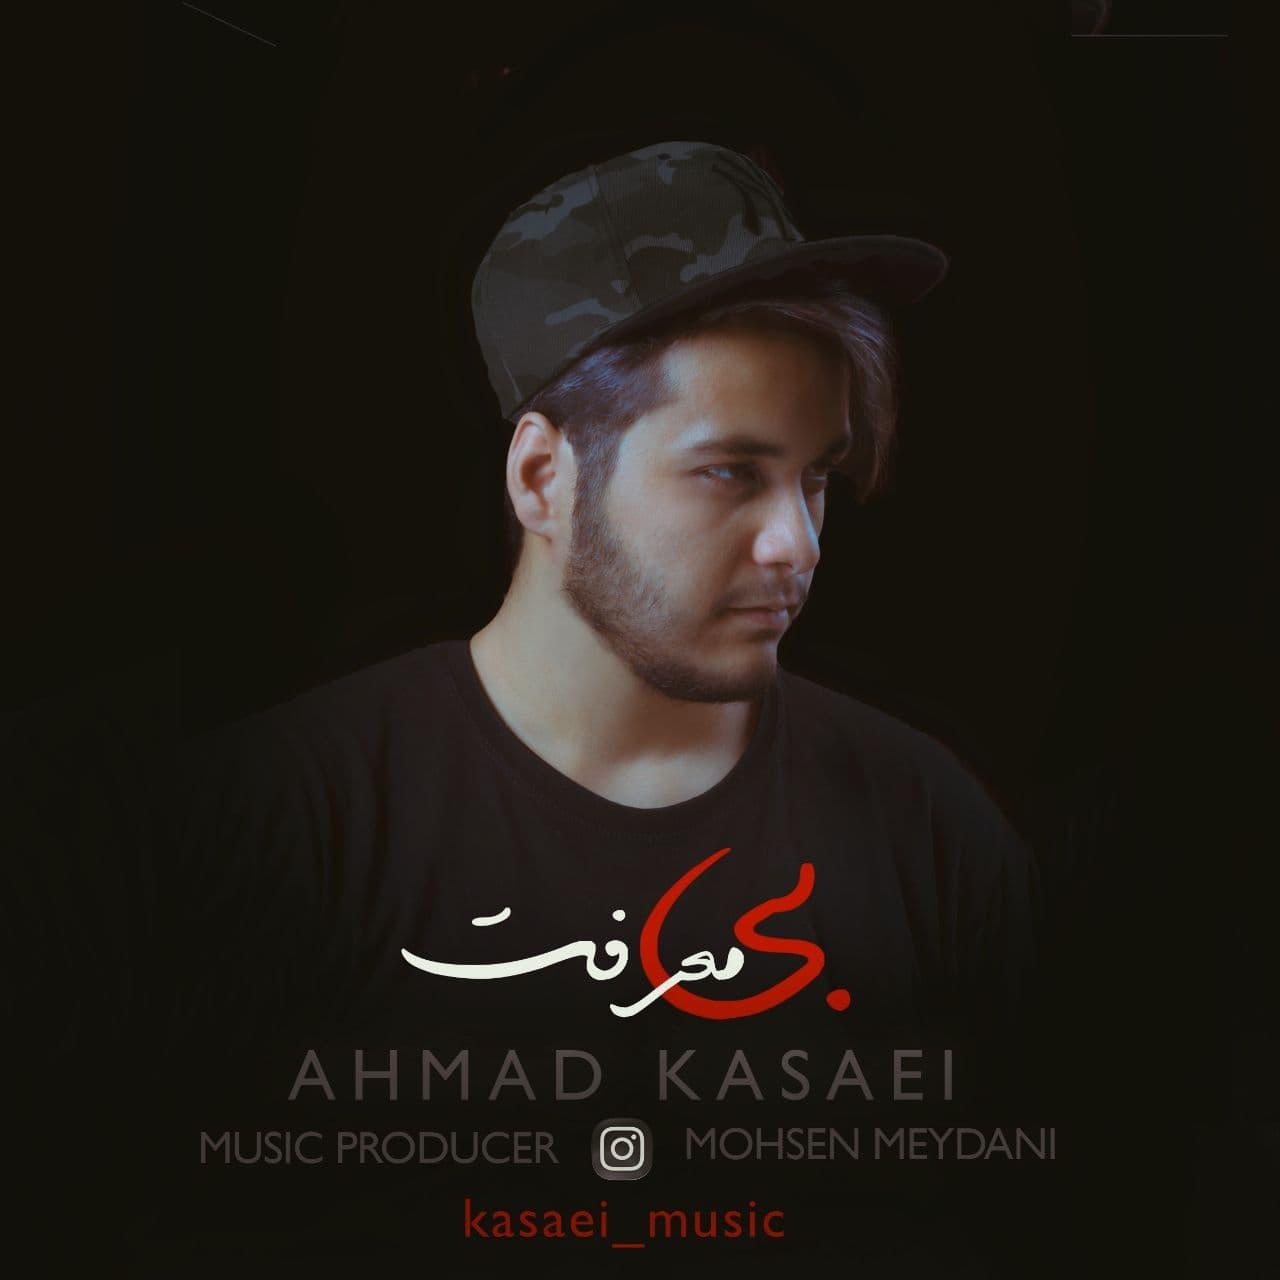 دانلود آهنگ جدید احمد کسایی به نام بی معرفت